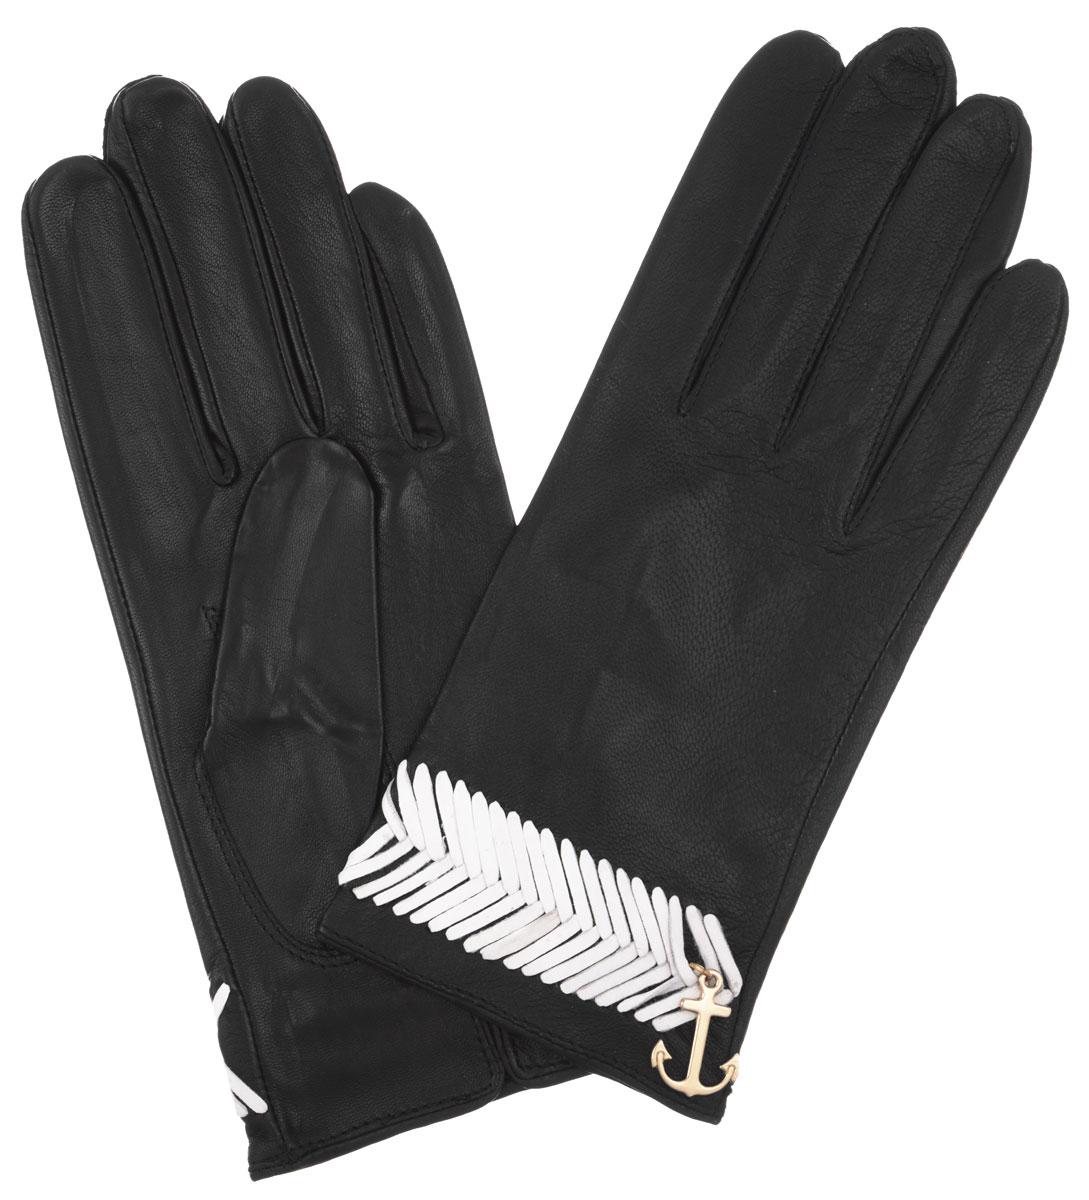 Перчатки женские Eleganzza, цвет: черный, белый. HP290. Размер 6,5HP290Стильные женские перчатки Eleganzza не только защитят ваши руки, но и станут великолепным украшением. Они выполнены из мягкой и приятной на ощупь кожи. Декорированы шнурочным плетением и подвеской в виде якоря. На внутренней стороне манжеты - небольшой разрез. Такие перчатки станут идеальным аксессуаром, дополняющим ваш стиль и неповторимость.